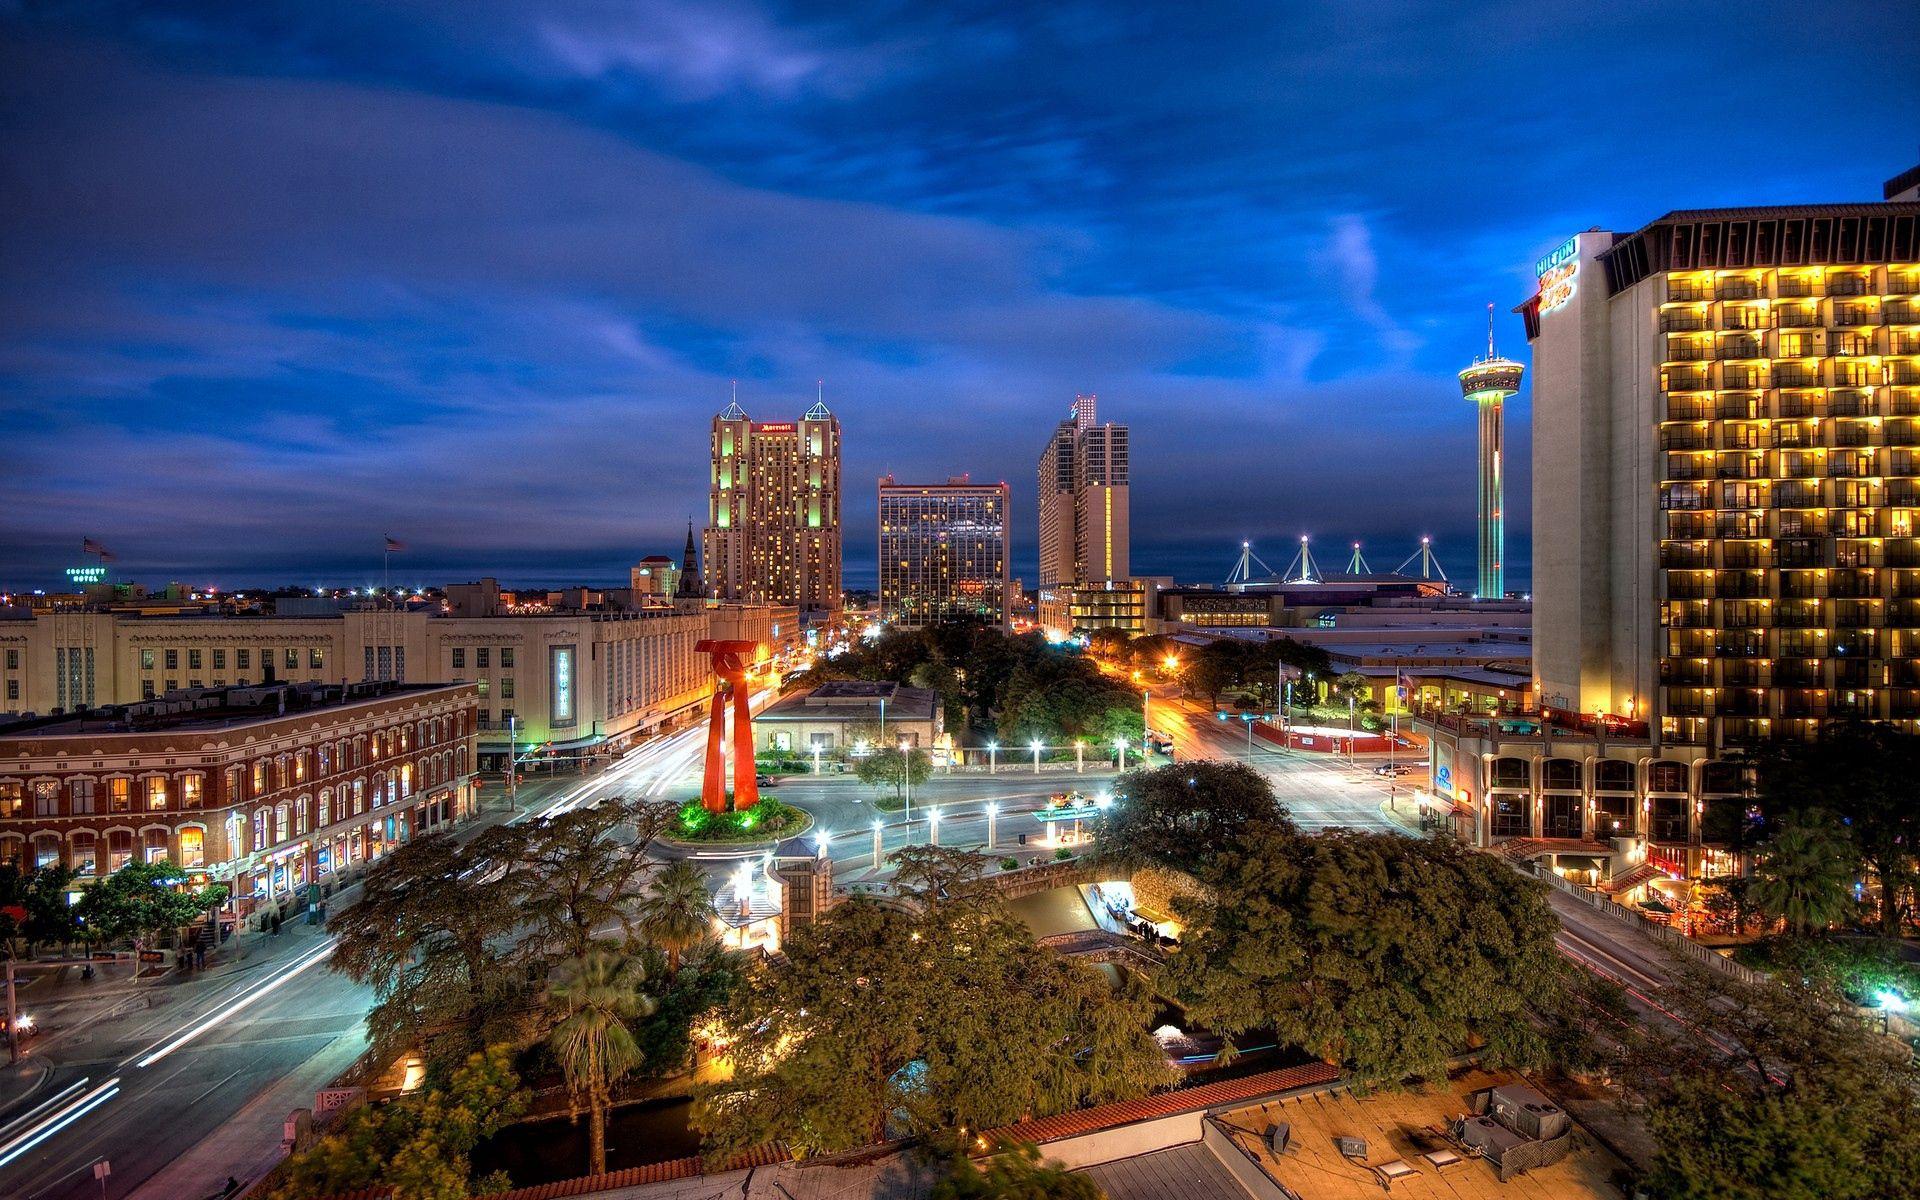 58516 免費下載壁紙 建造, 建筑物, 天空, 夜, 城市的灯光, 城市之光, 摩天大楼, 从上面看, 顶视图, 人类发展报告, Hdr, 城市 屏保和圖片